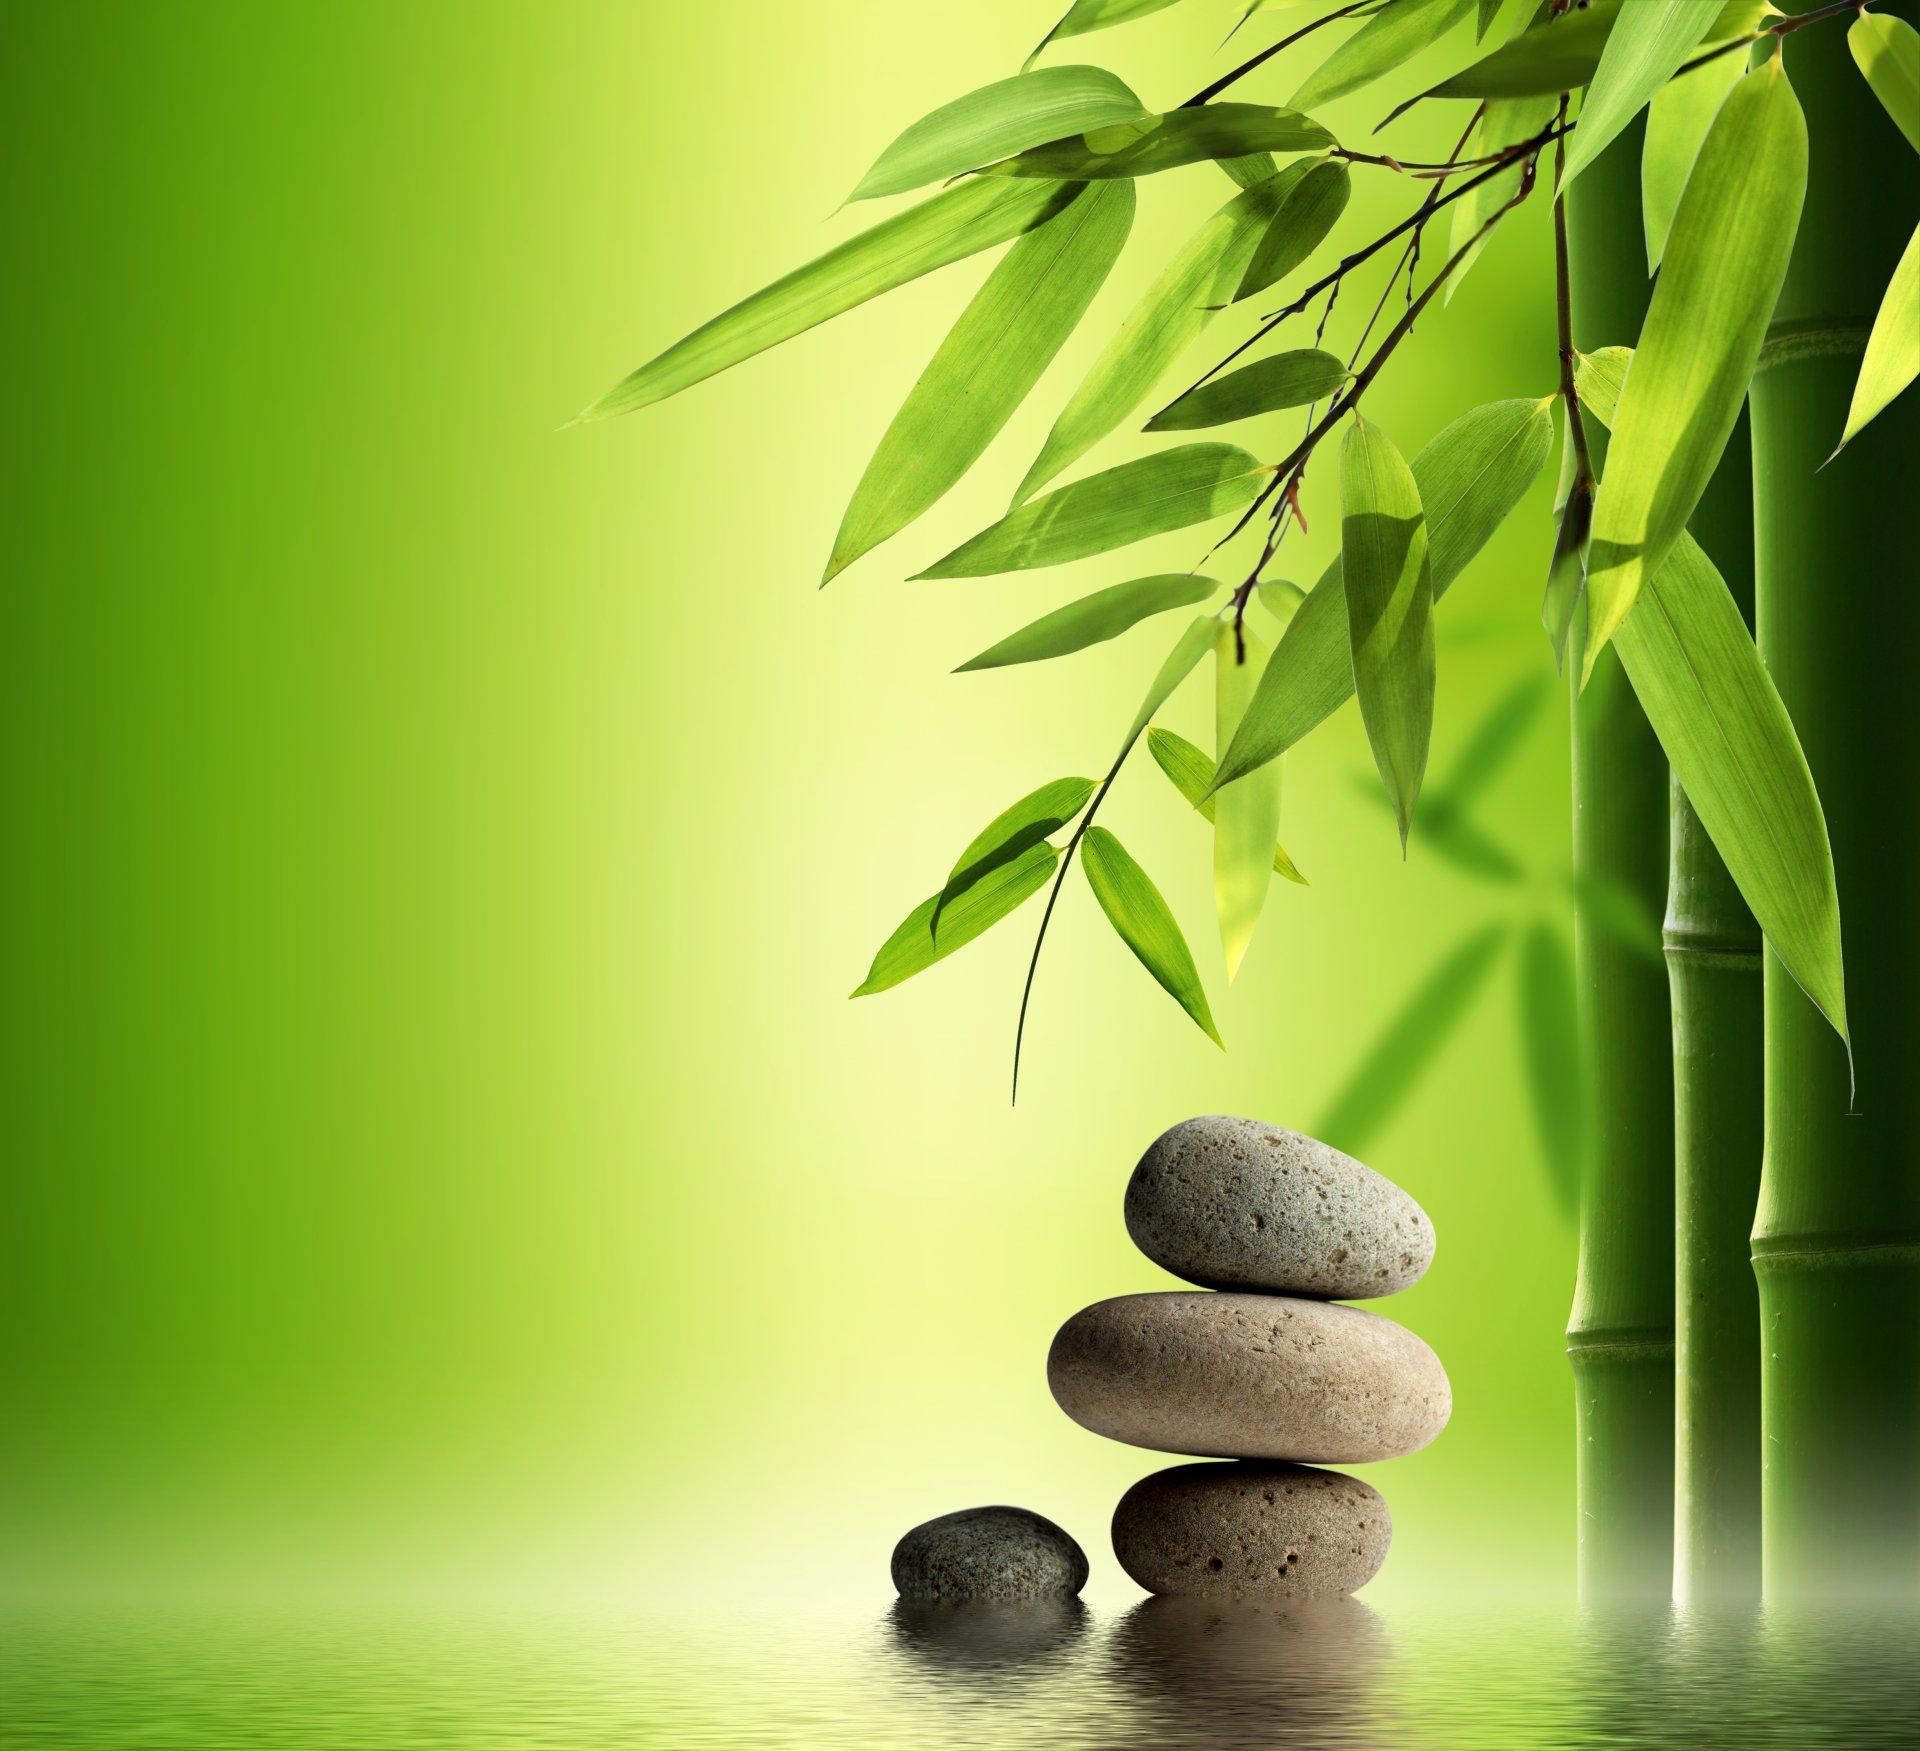 картинки природа пруд камни бамбук олень традиционно считается